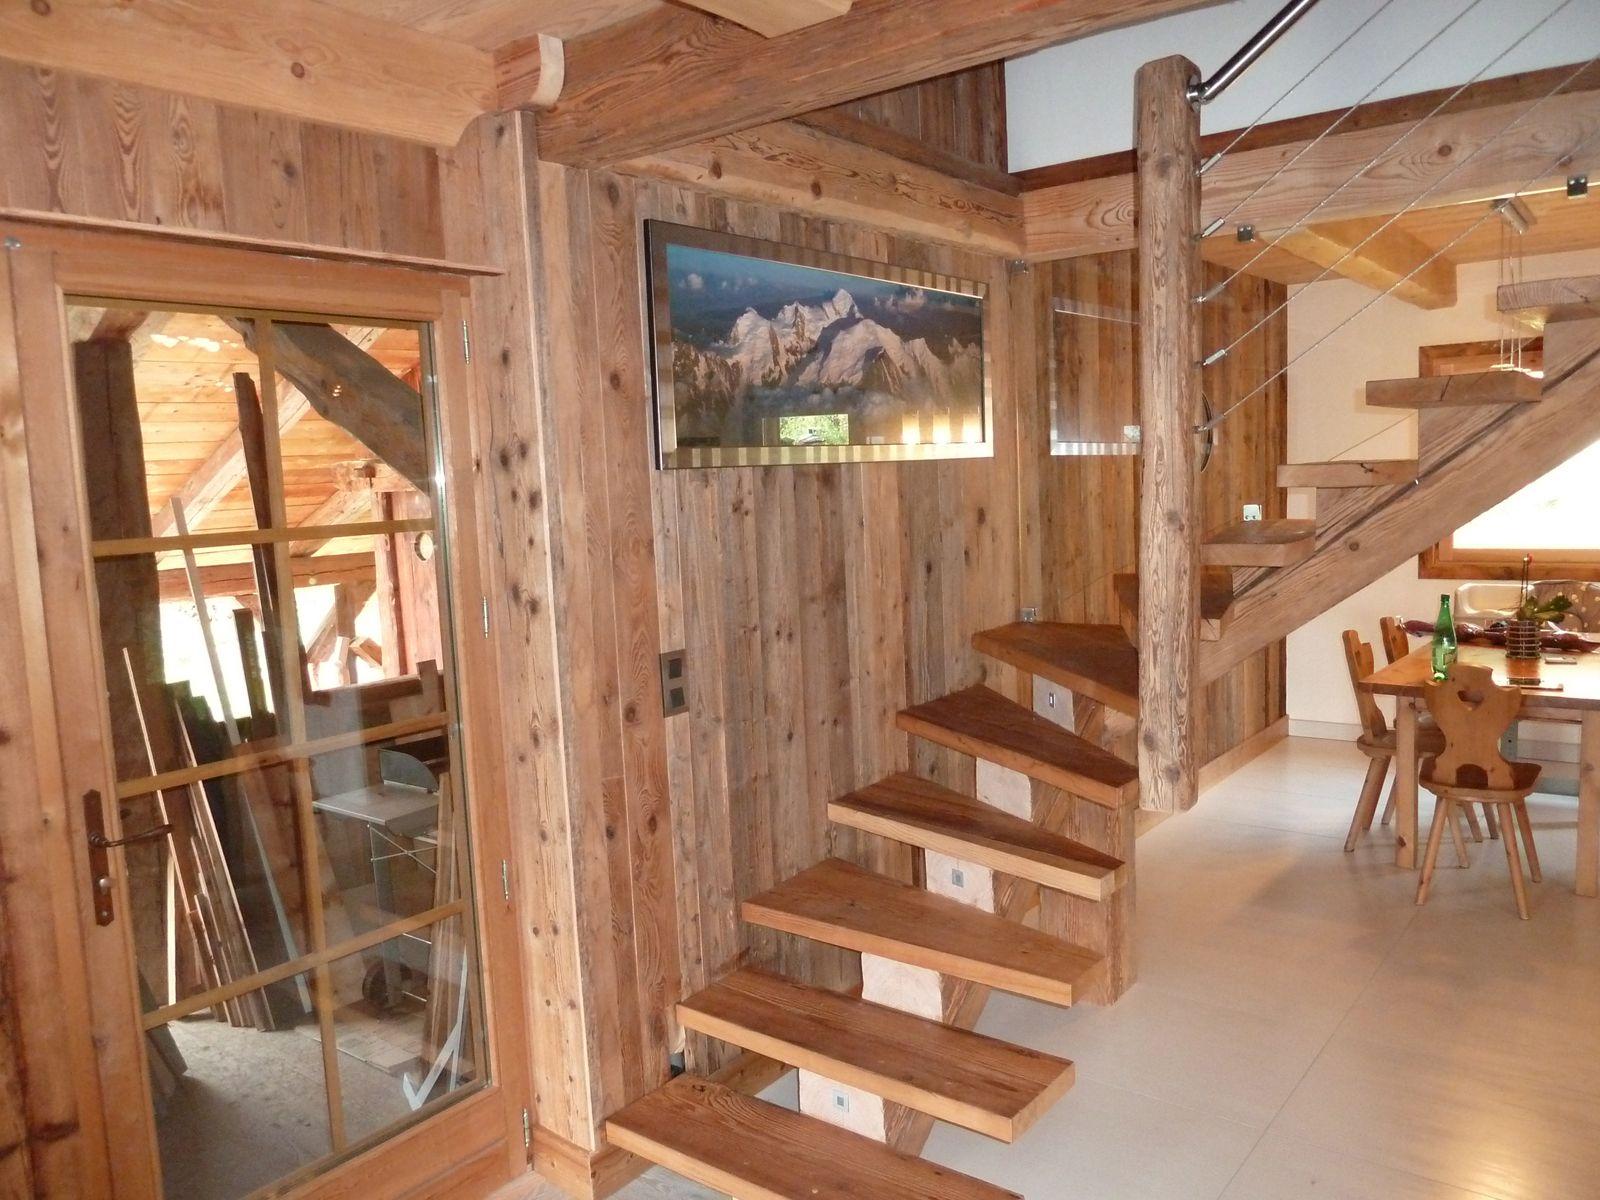 Escalier en vieux bois